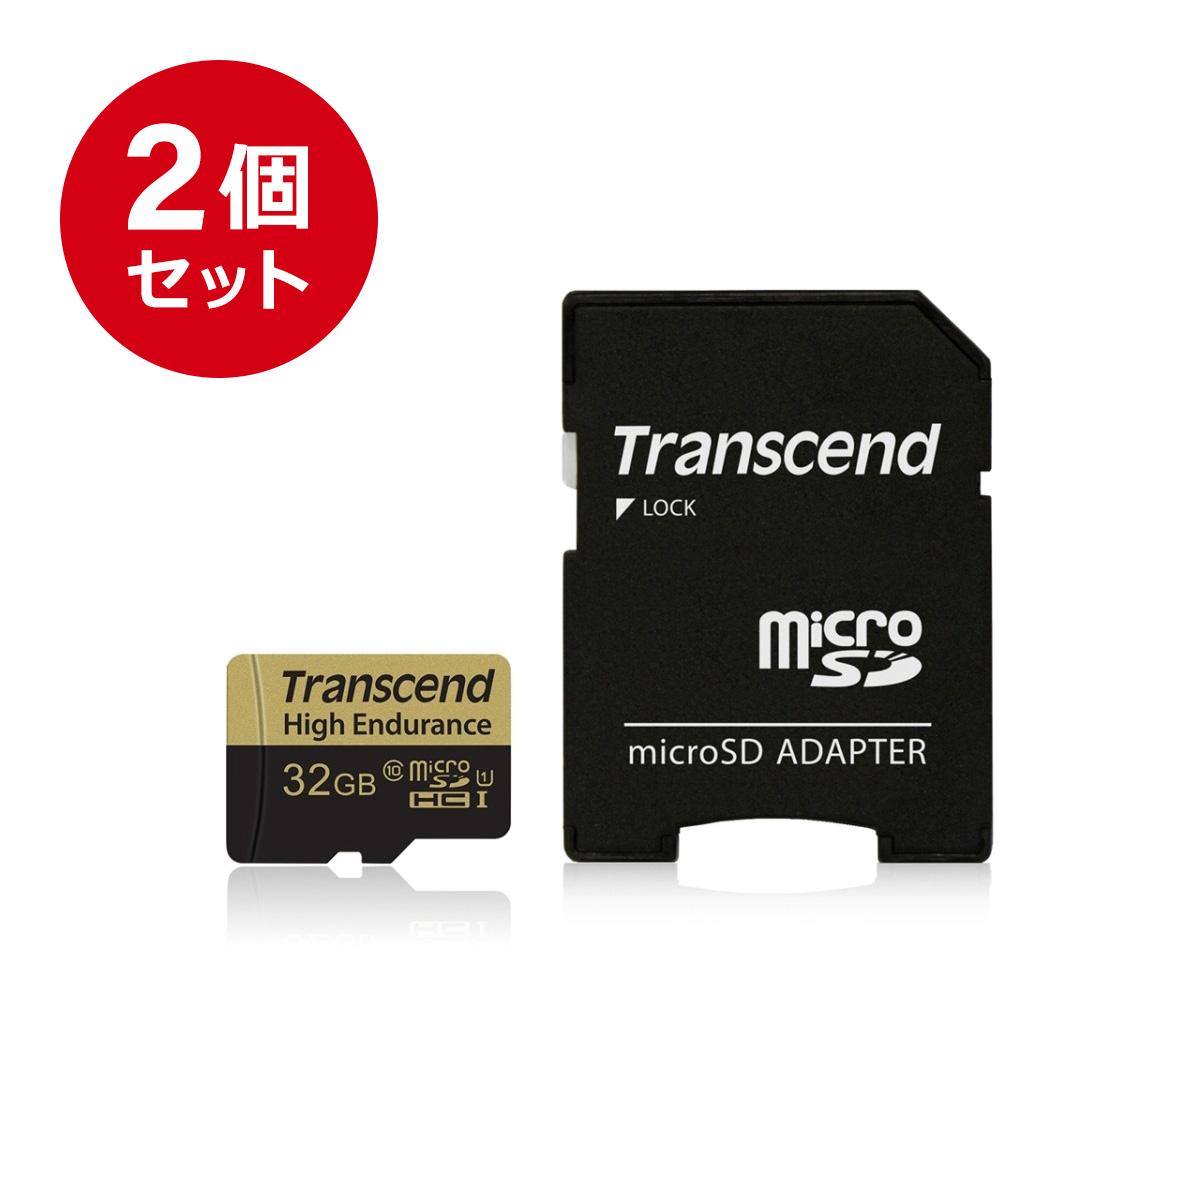 TS32GUSDHC10V ネコポス専用 送料無料 まとめ割 2個セット Transcend microSDカード 32GB 高耐久 2年保証 入学 ドライブレコーダー向け 最新号掲載アイテム microSDHC クラス10 ブランド買うならブランドオフ 卒業 マイクロSD SDカード変換アダプタ付 Class10